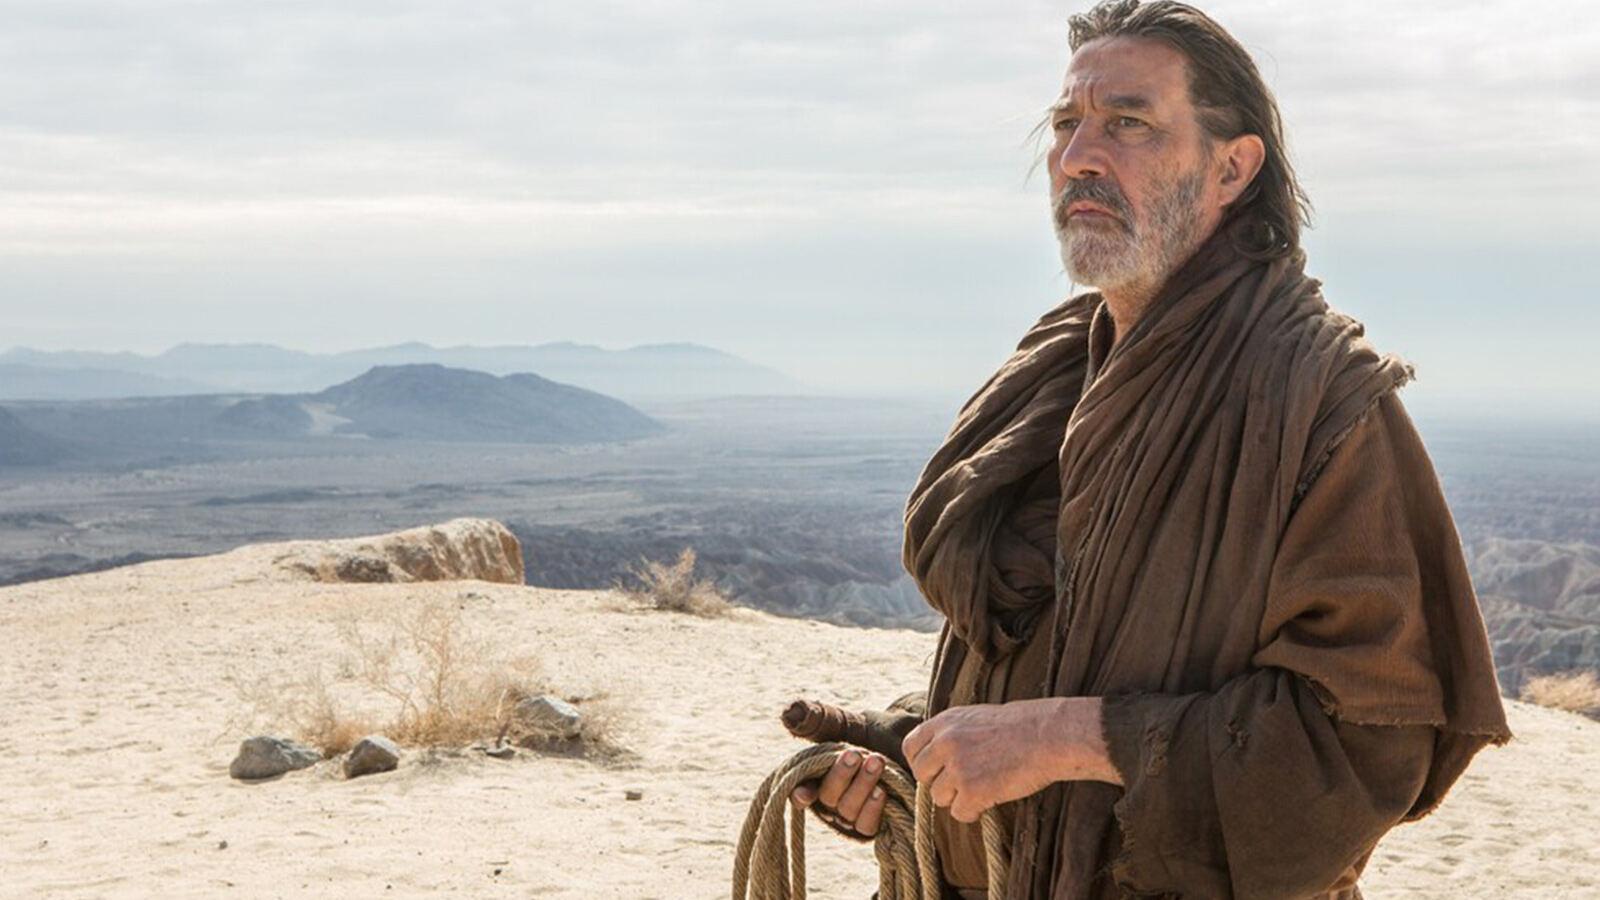 Premium Cinema 2 Gli ultimi giorni nel deserto